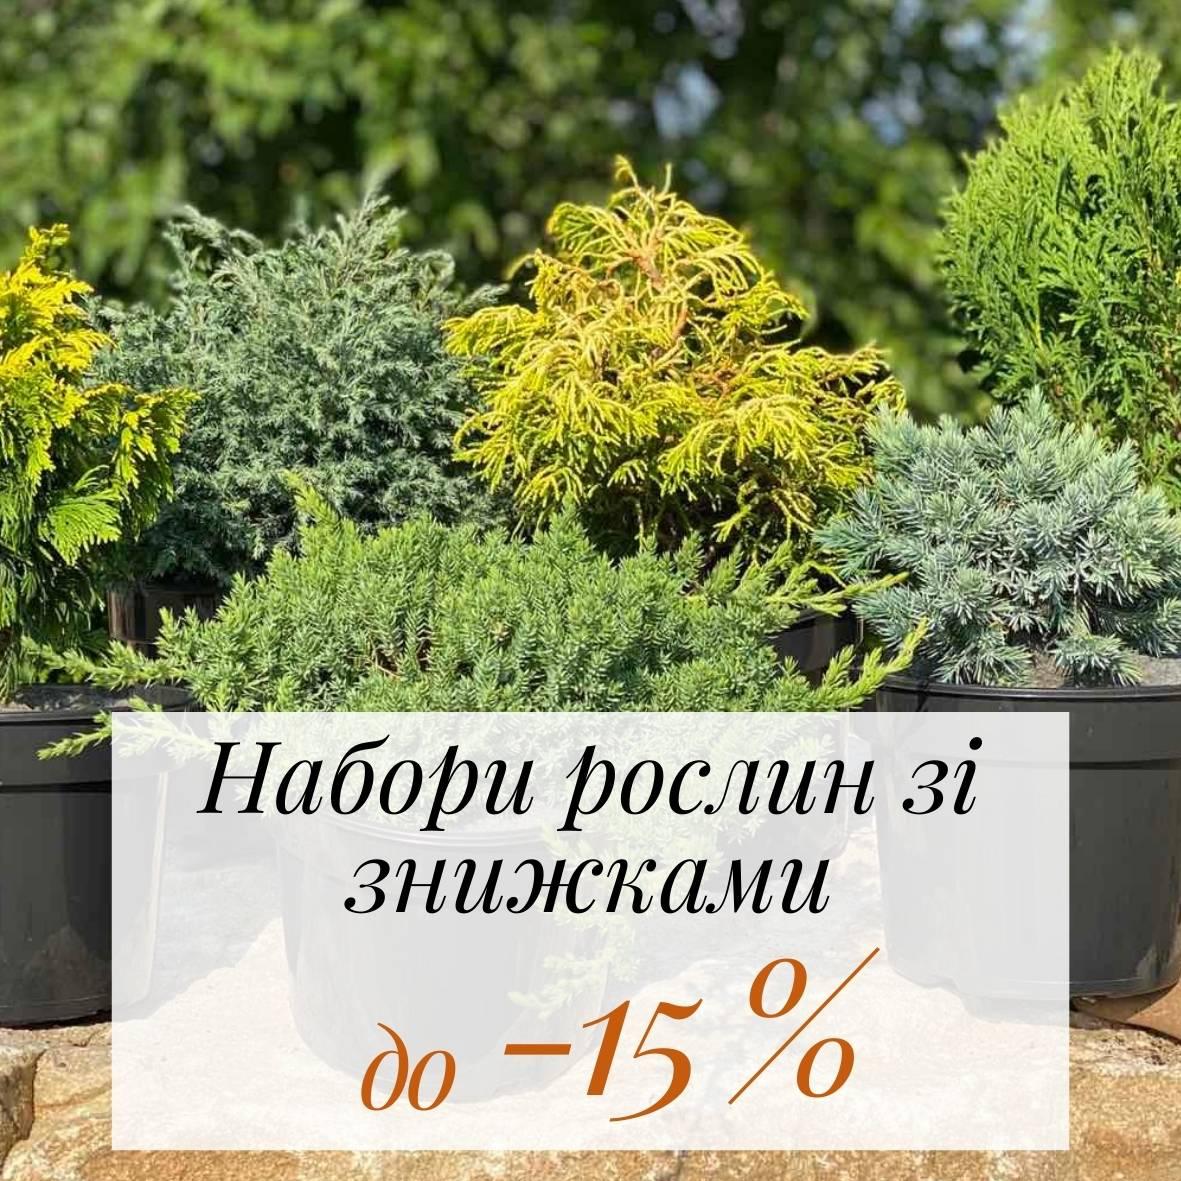 Наборы растений со скидками до -15%